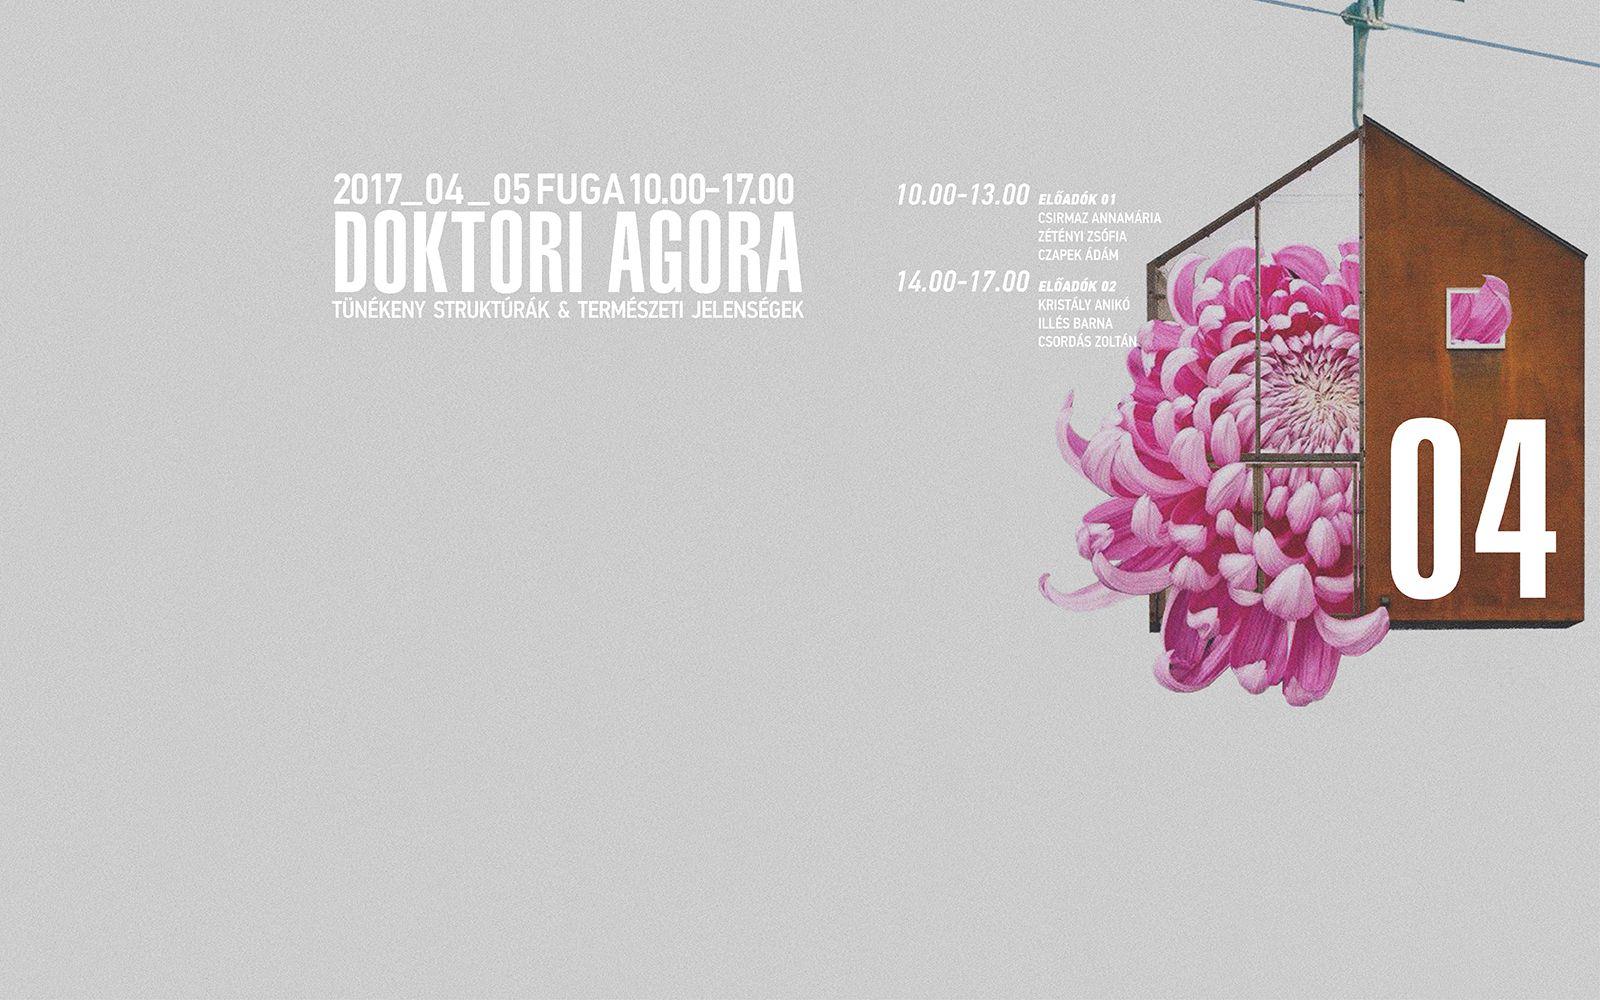 vagvolgyi-noemi-doktori-agora04-banner-72dpi